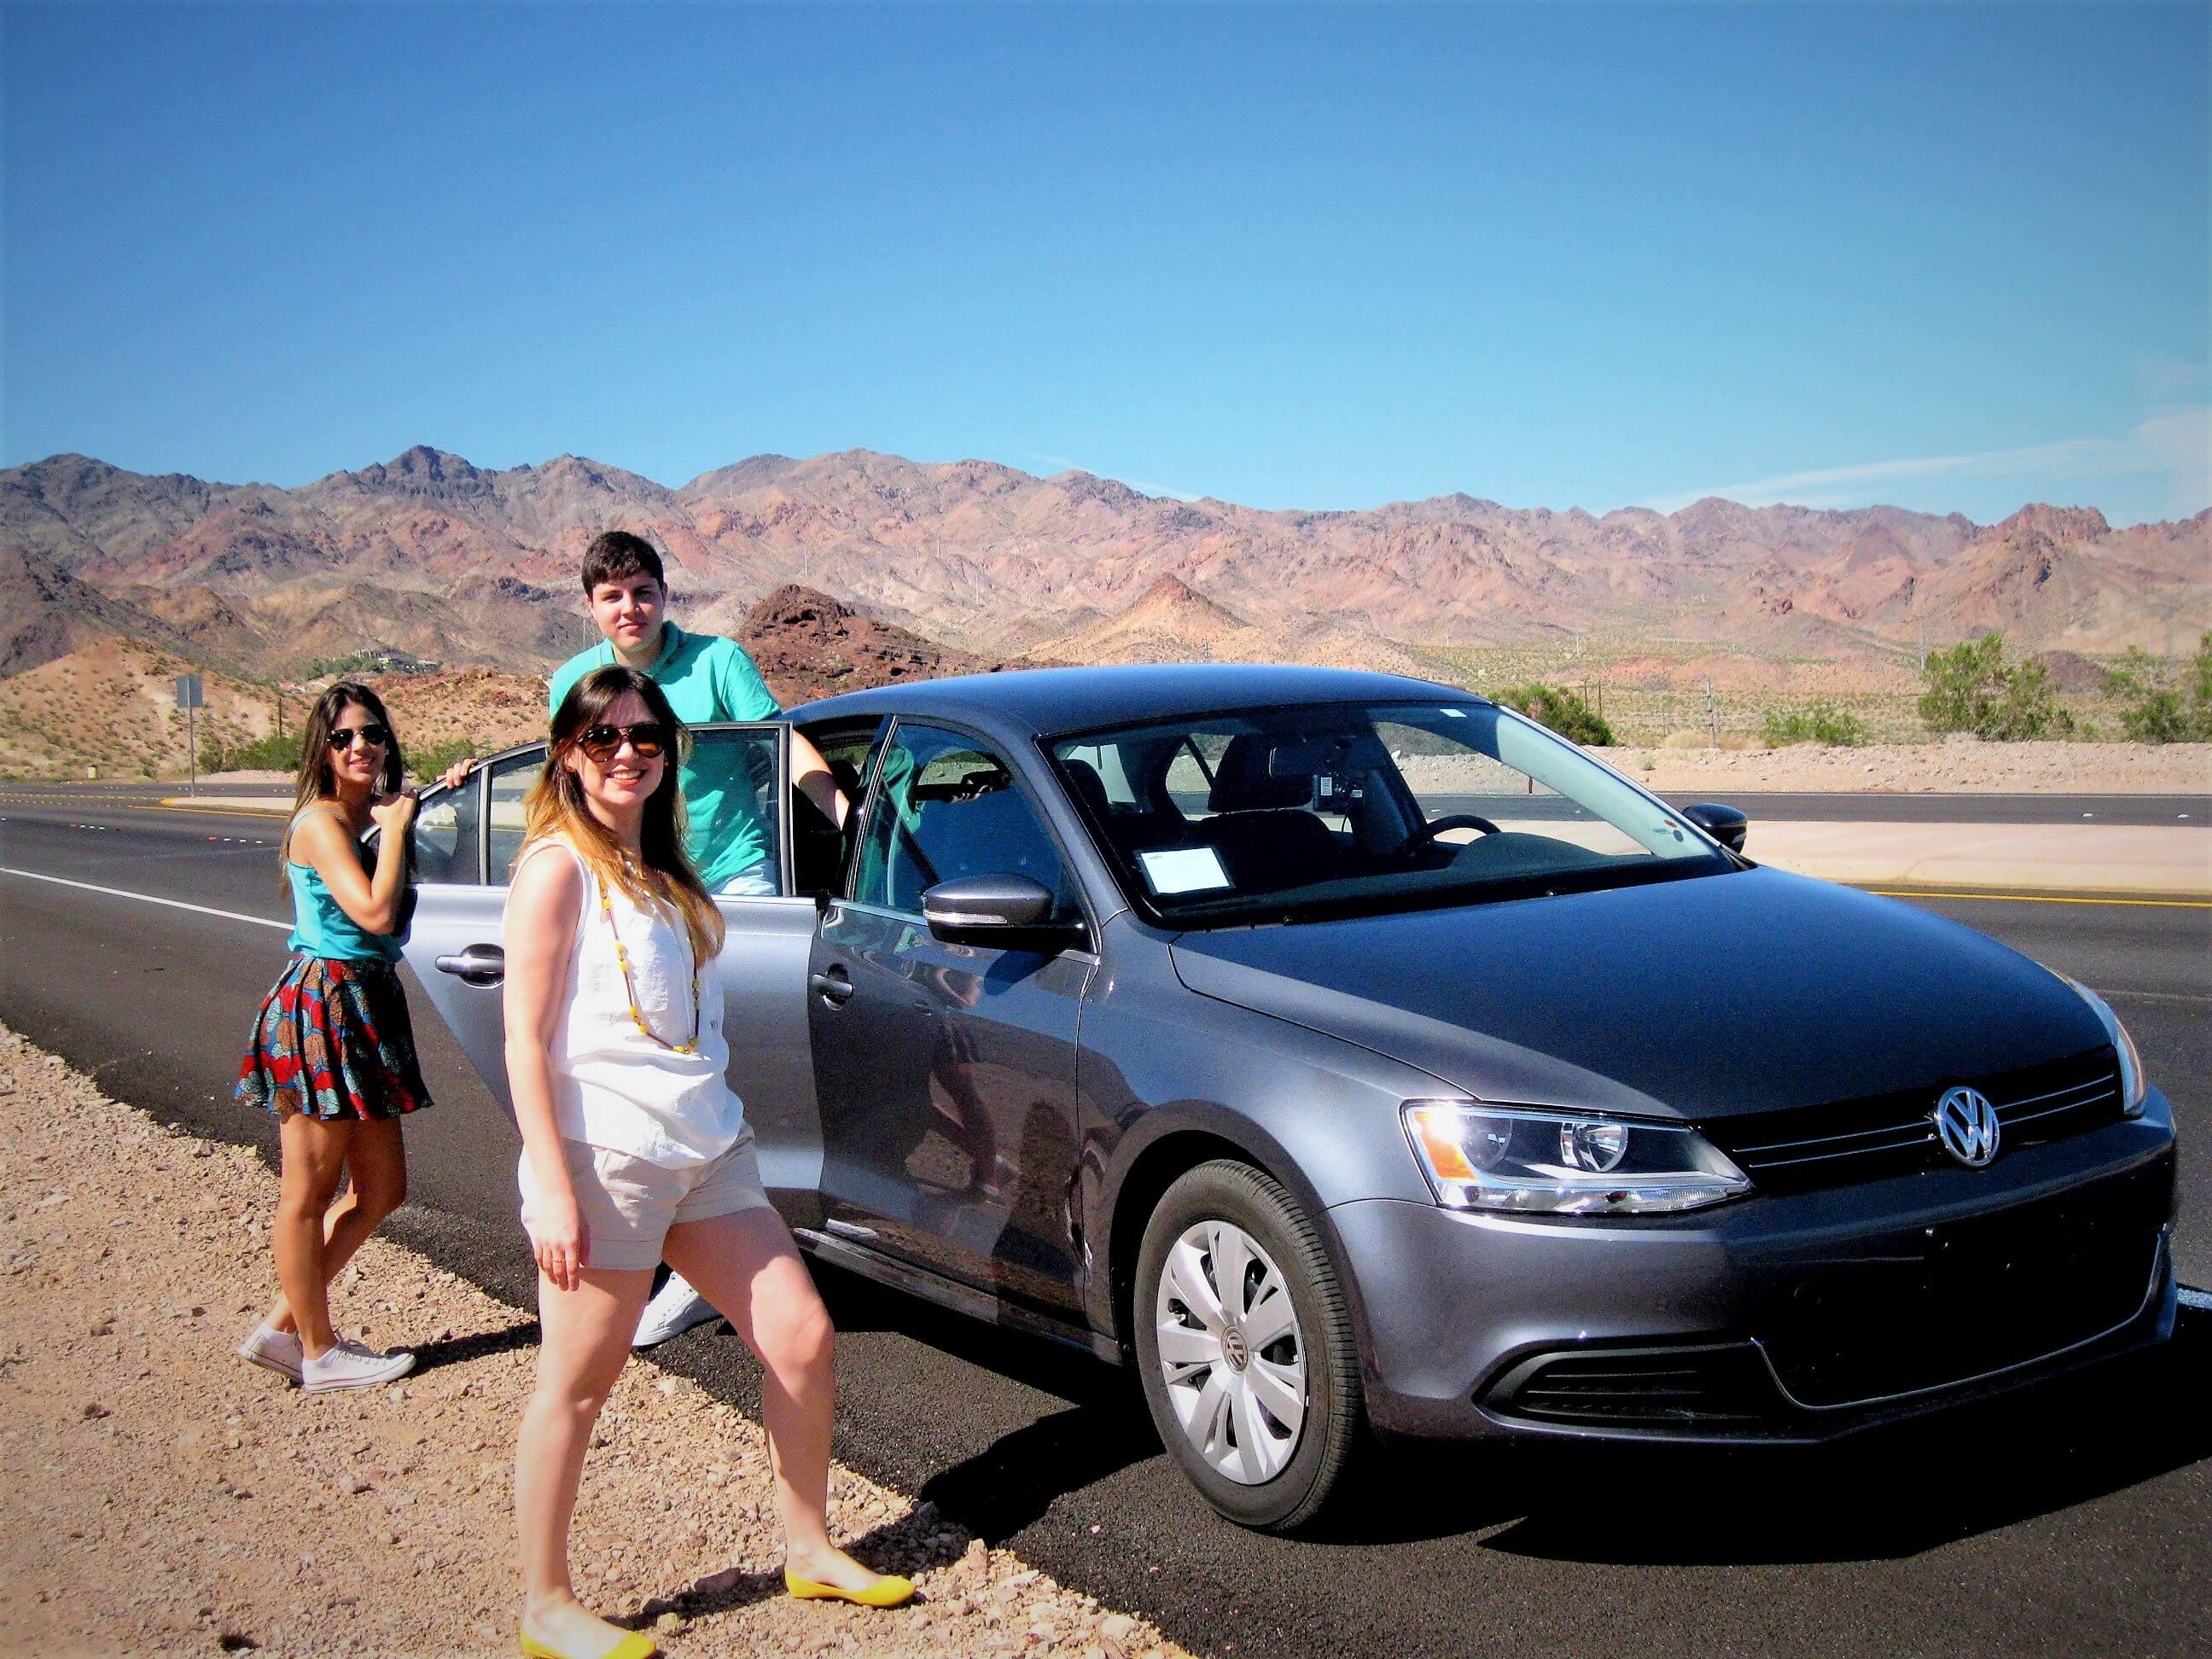 Como Alugar carro em outro país - Las Vegas